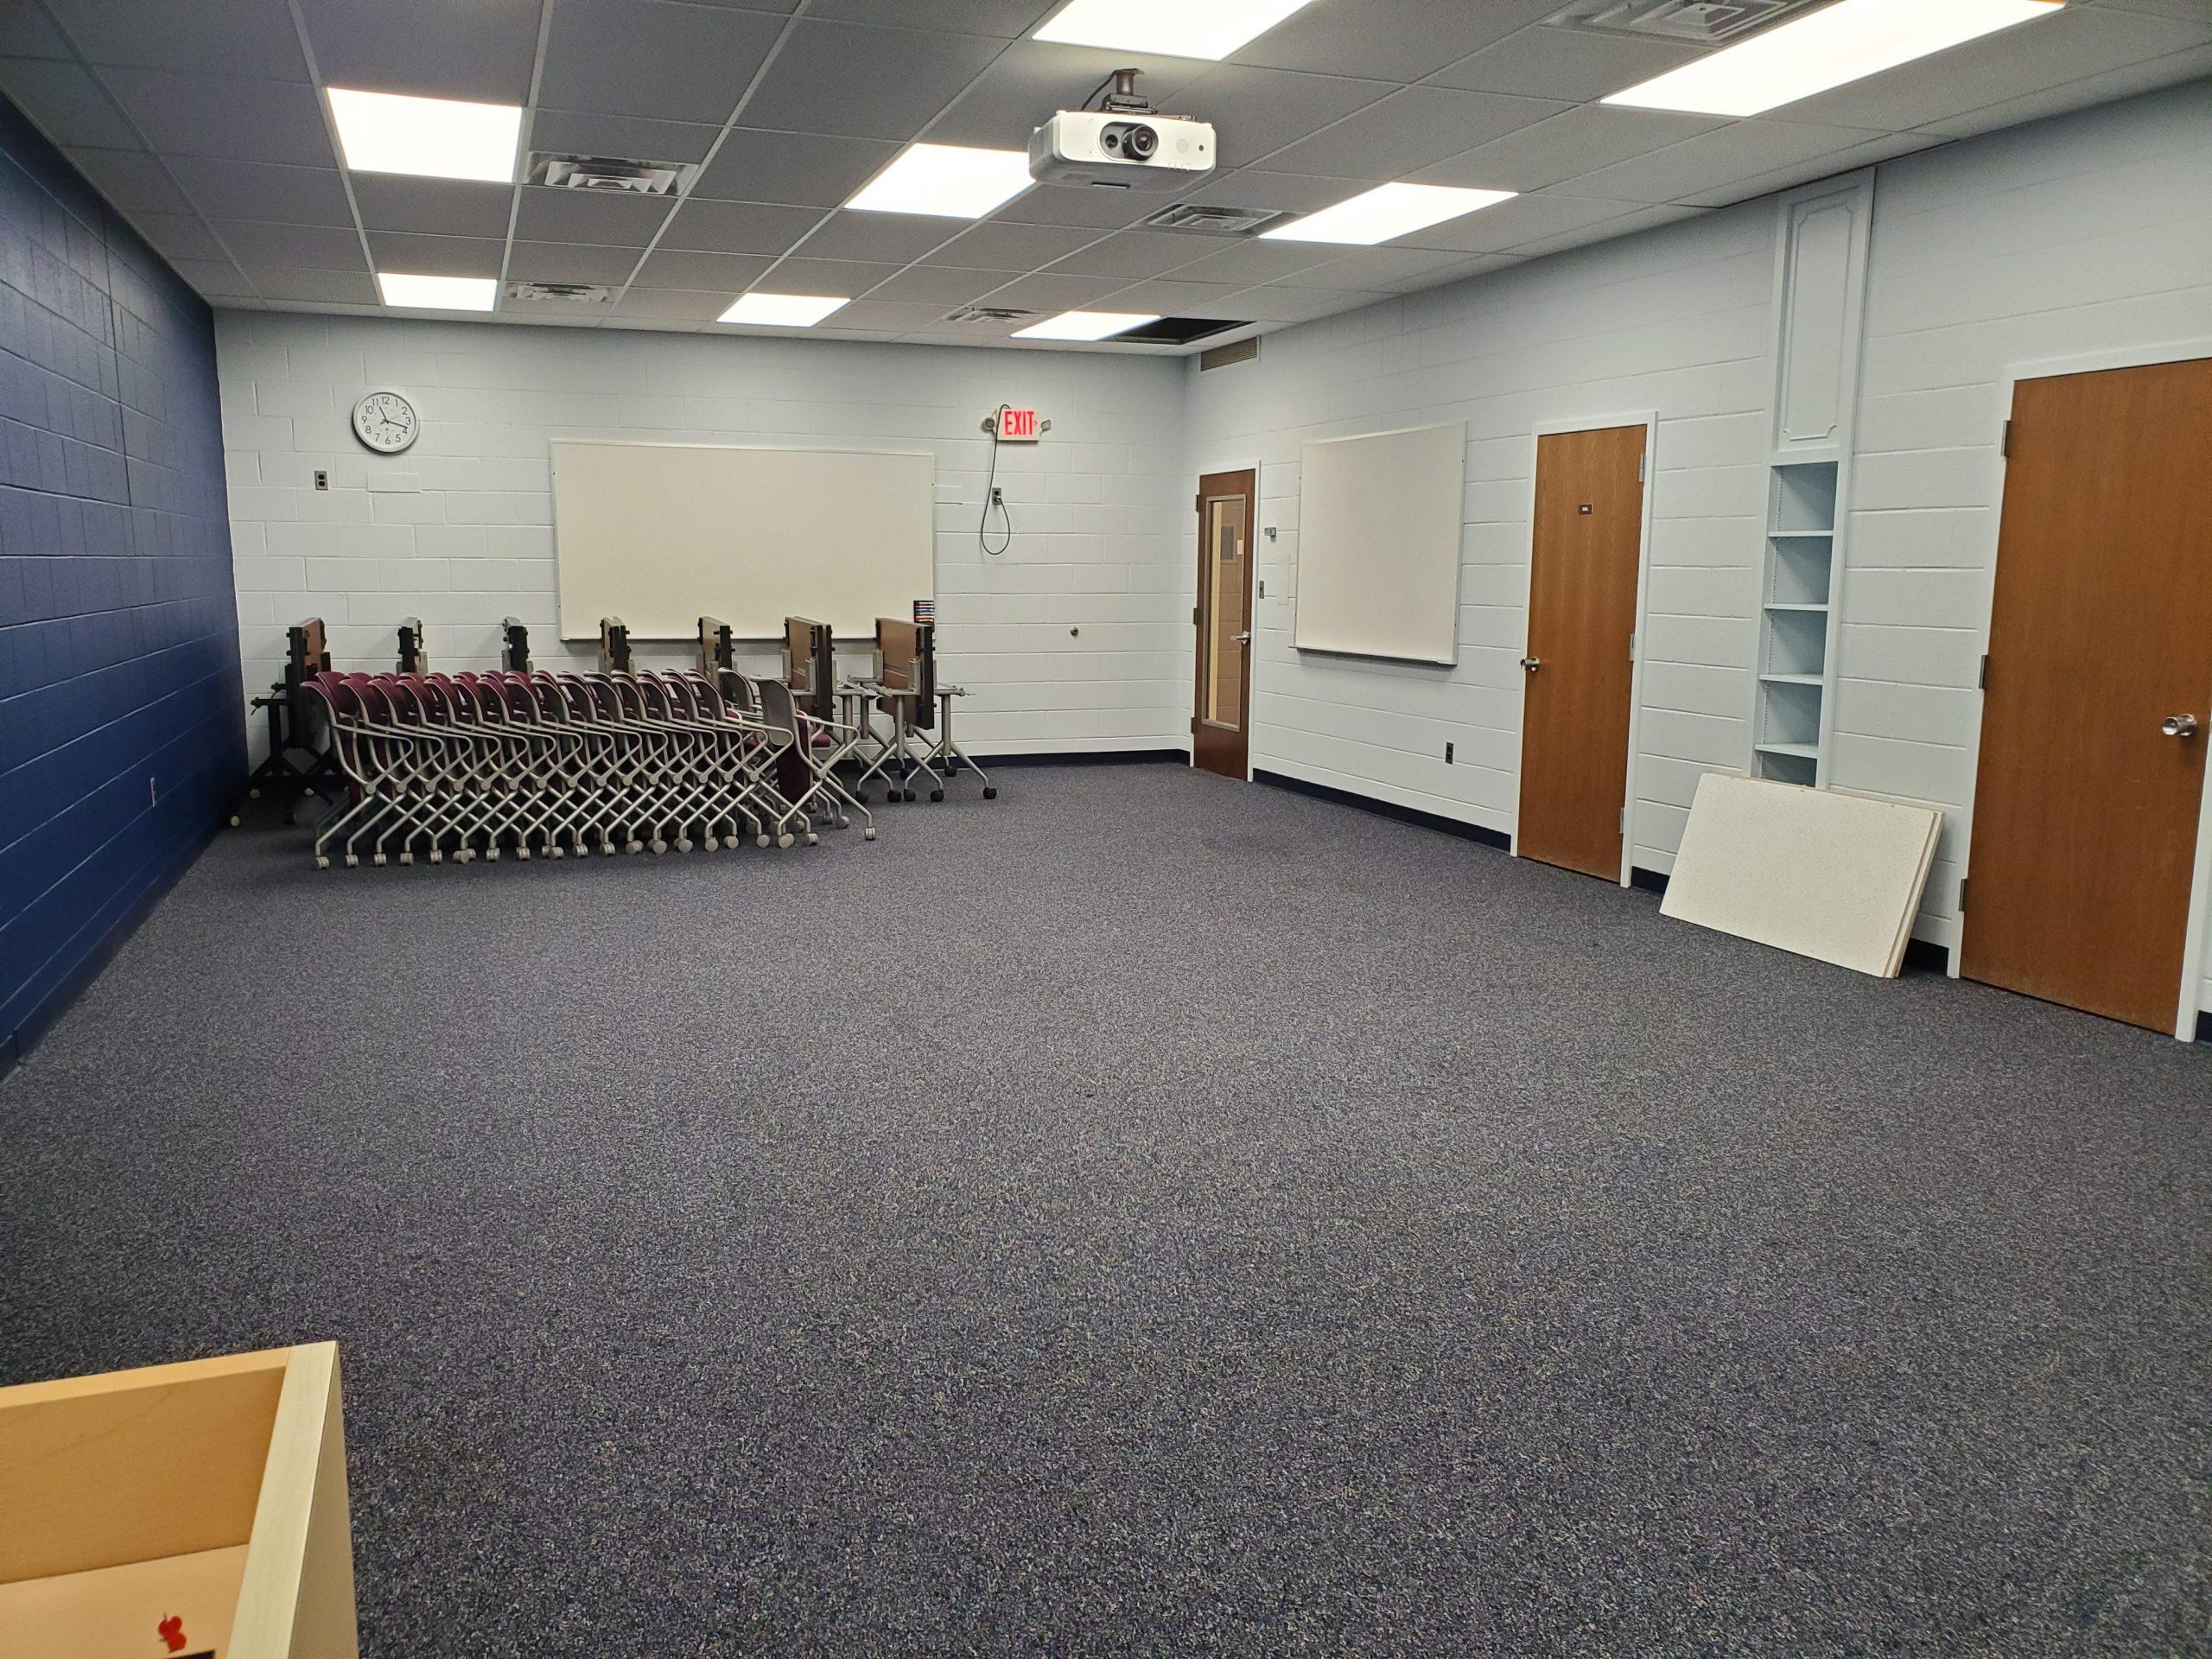 0339 Jmu Libraries